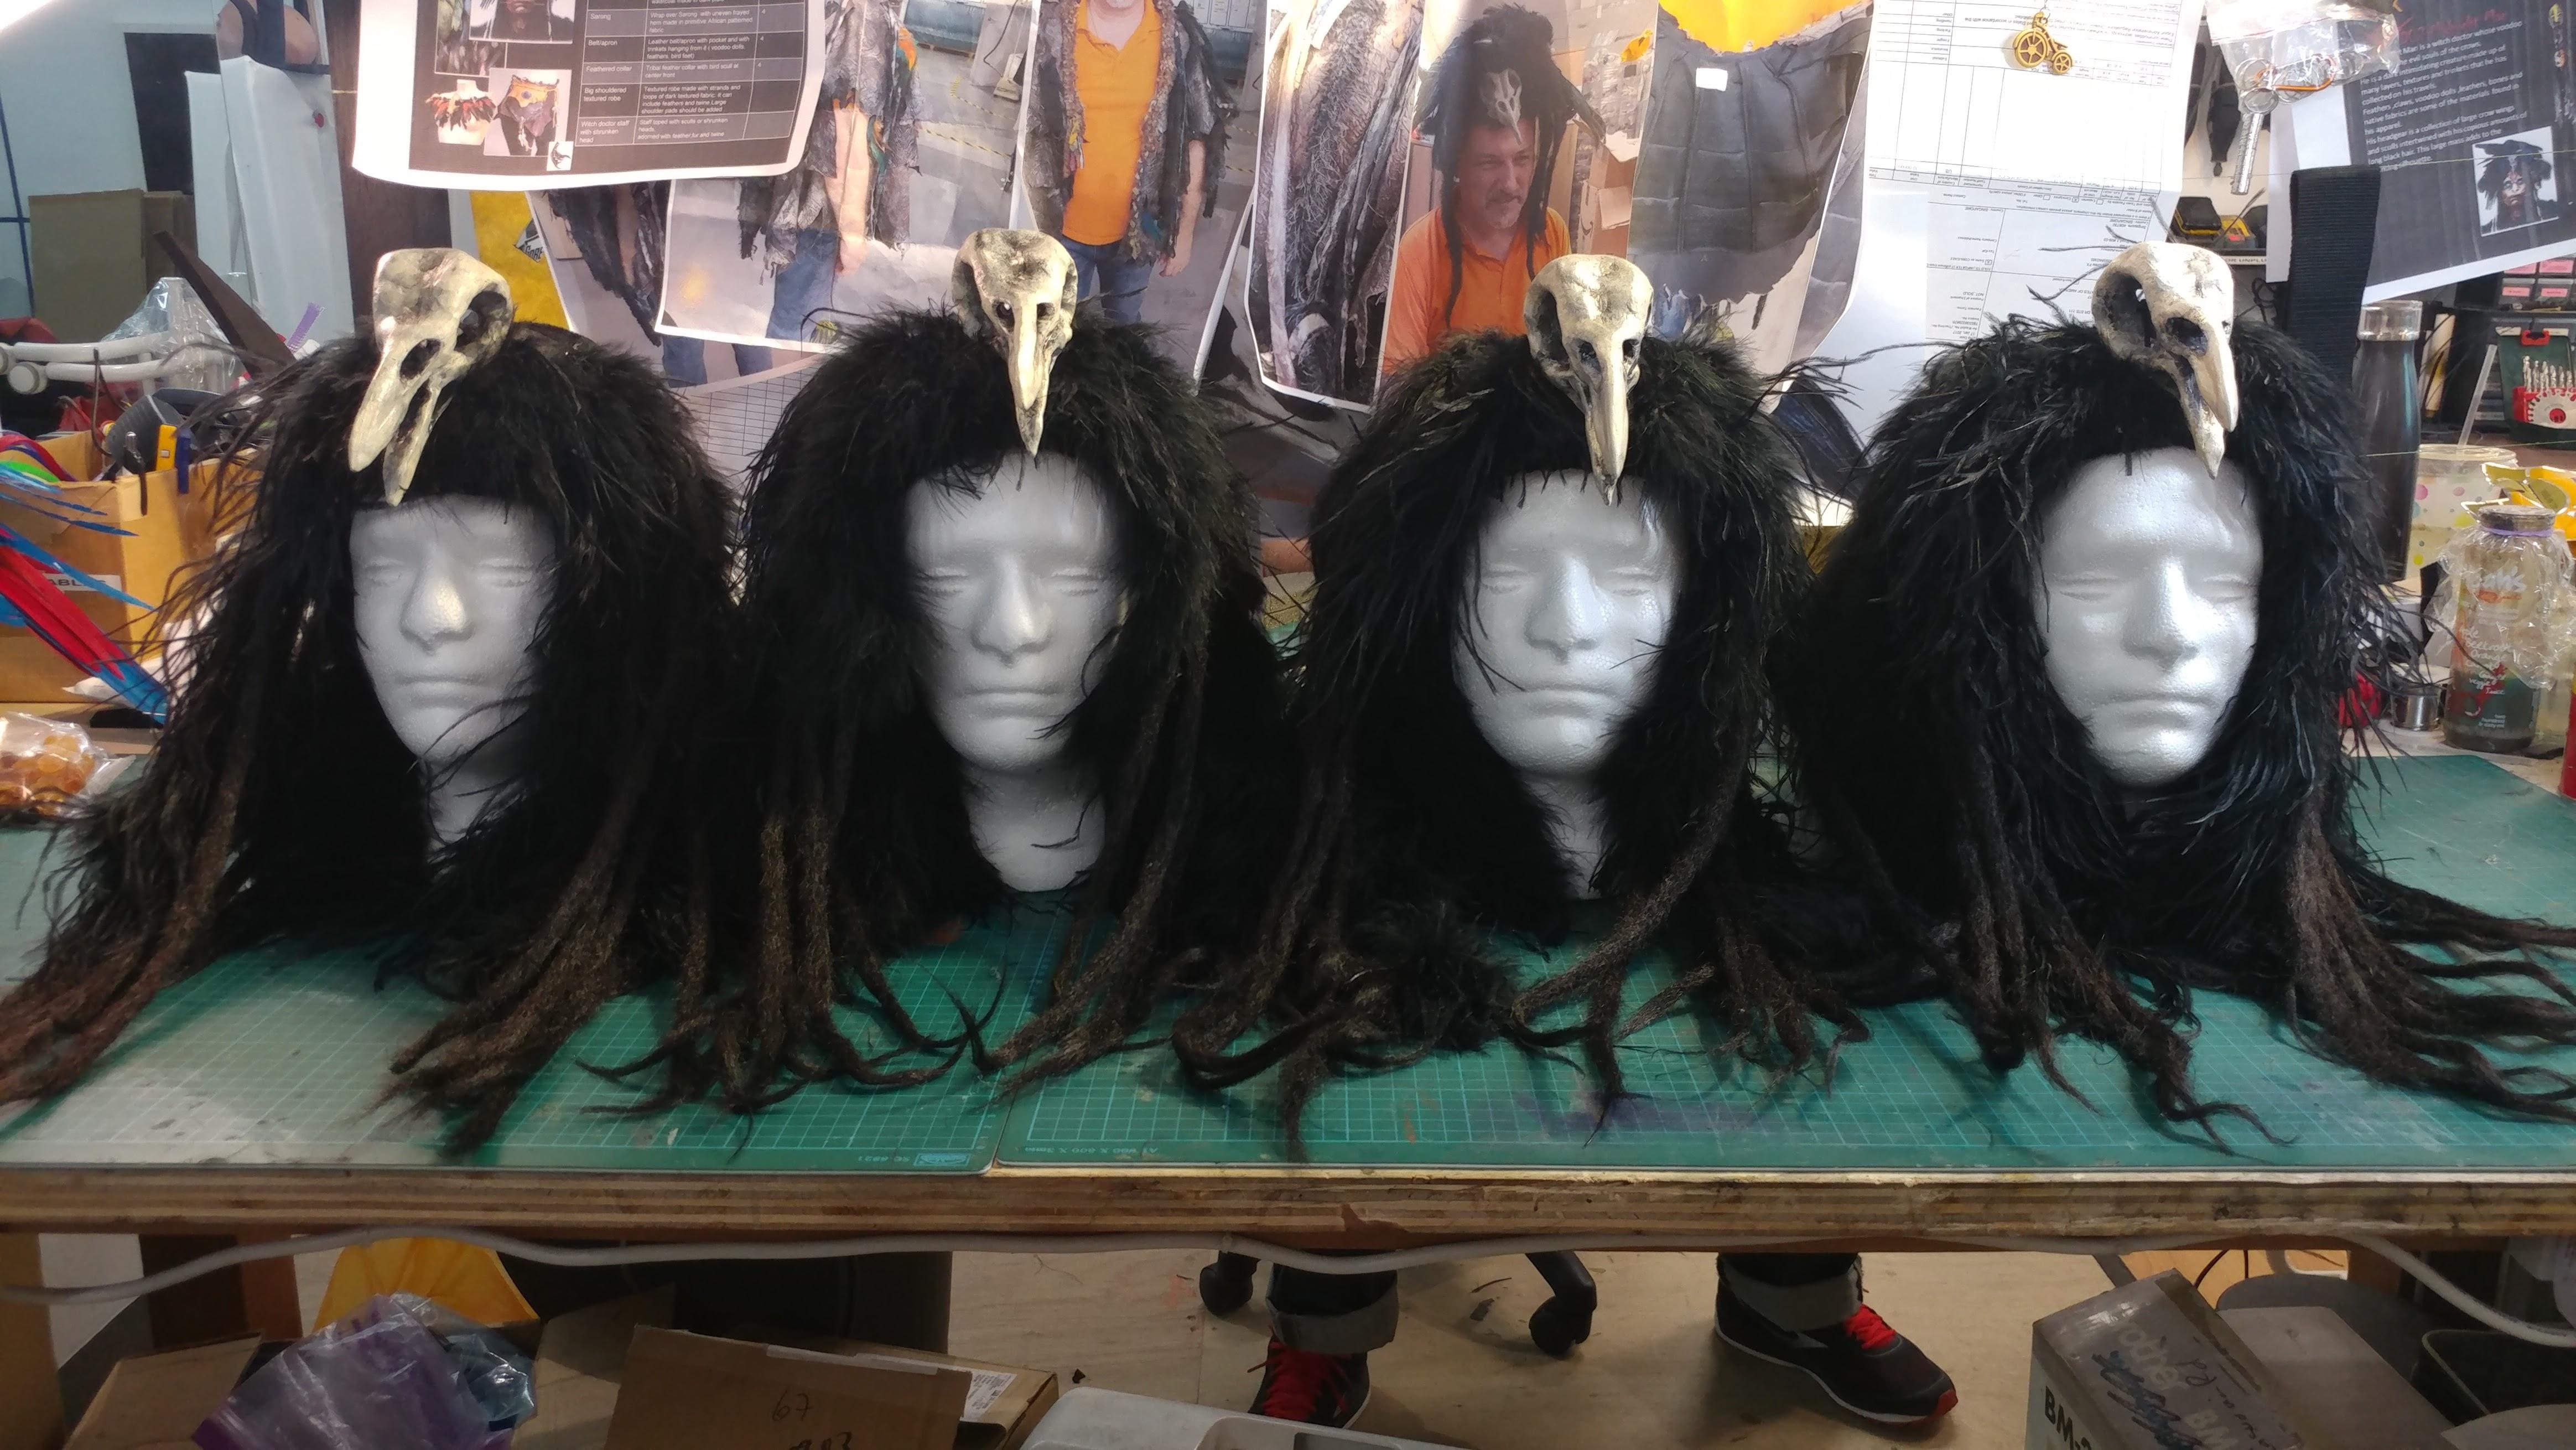 4 Heads in a Row II